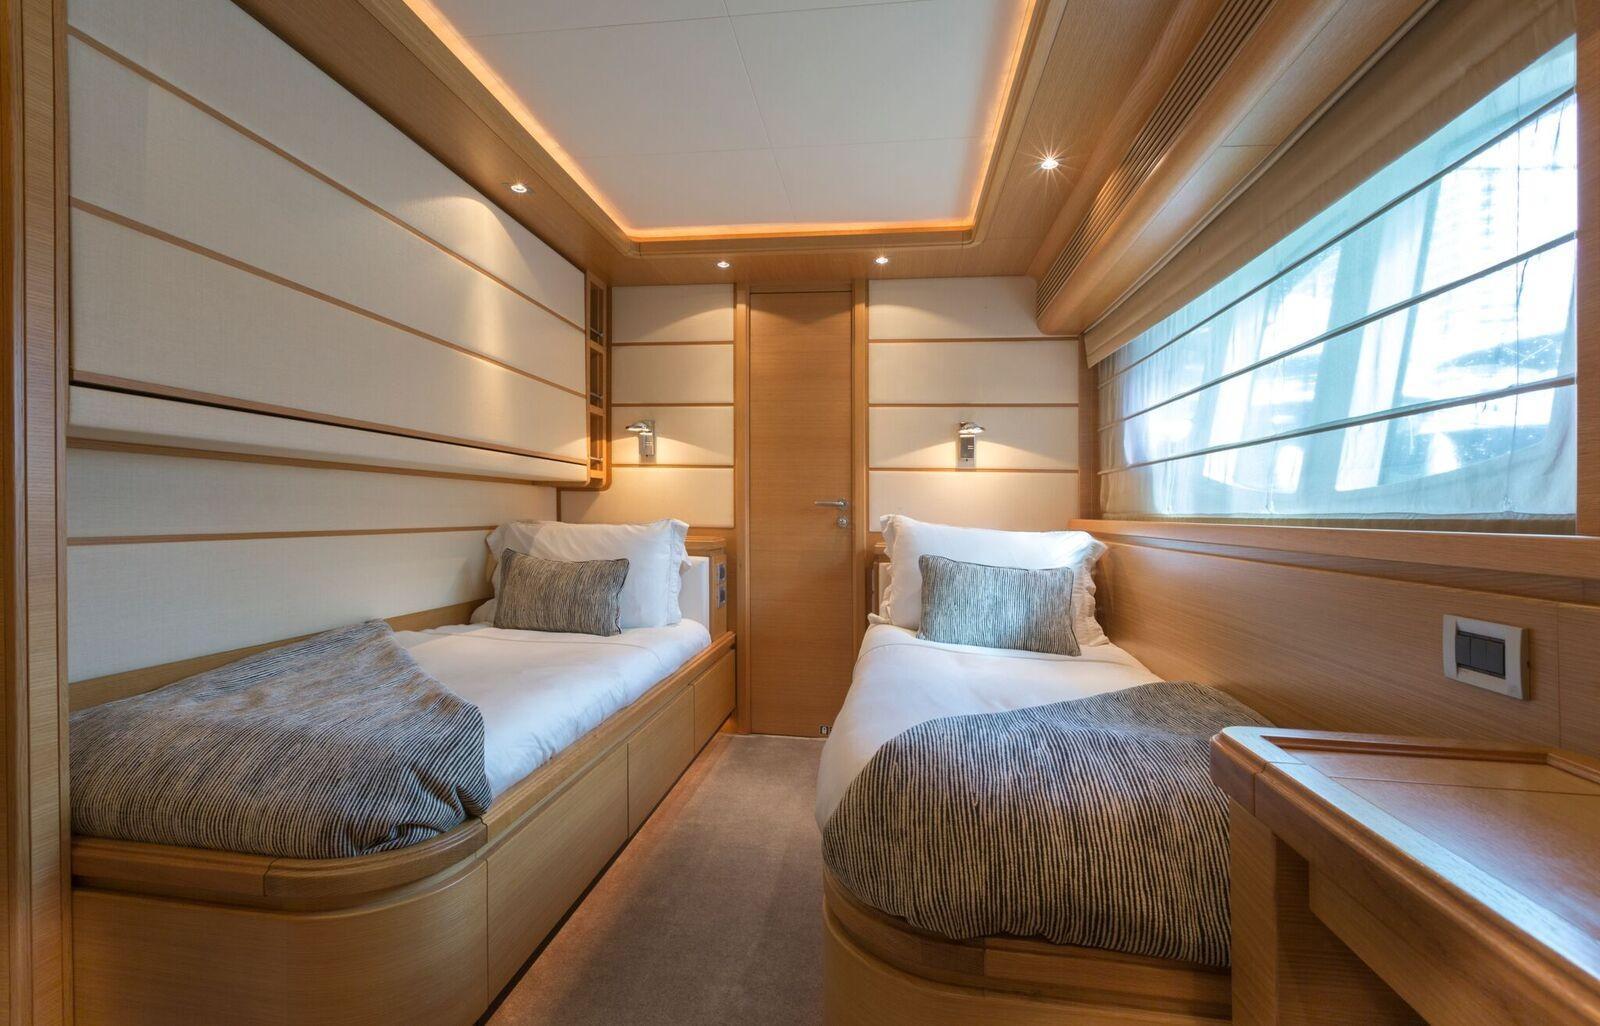 97 Ferretti Yachts